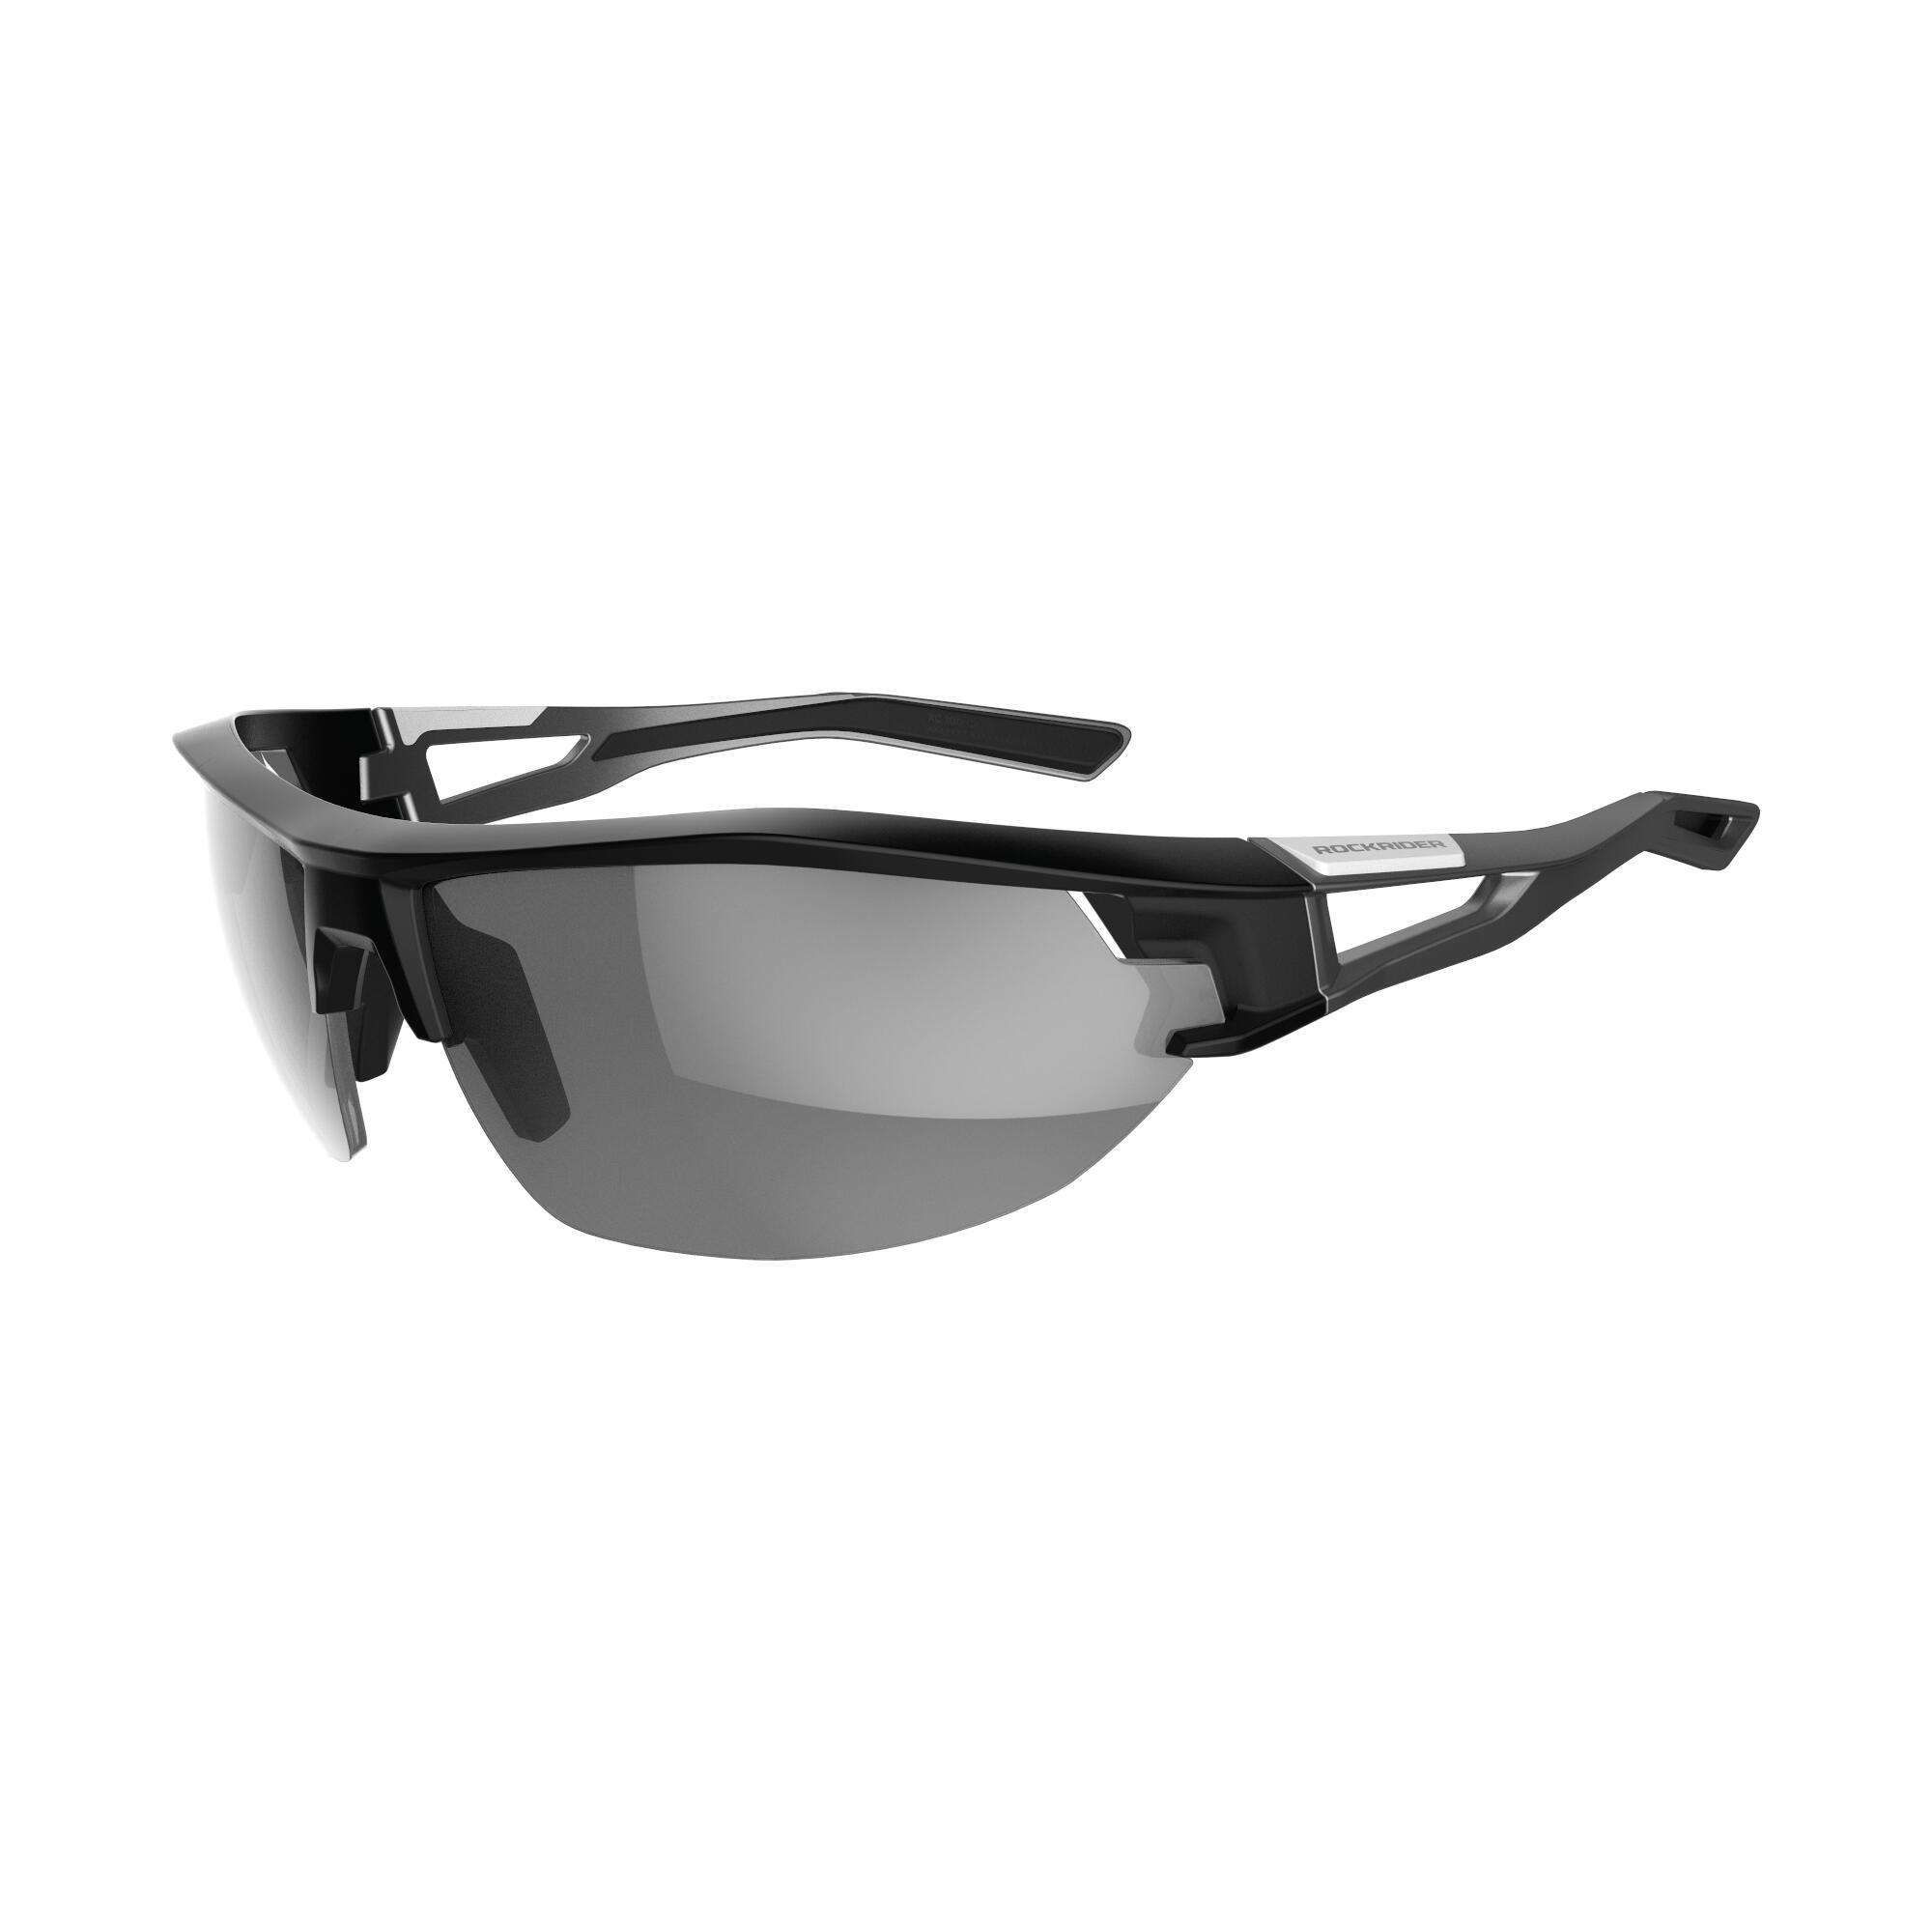 0c535fc39a Gafas de Sol Ciclismo MTB XC 100 gris categoría 3 Rockrider | Decathlon